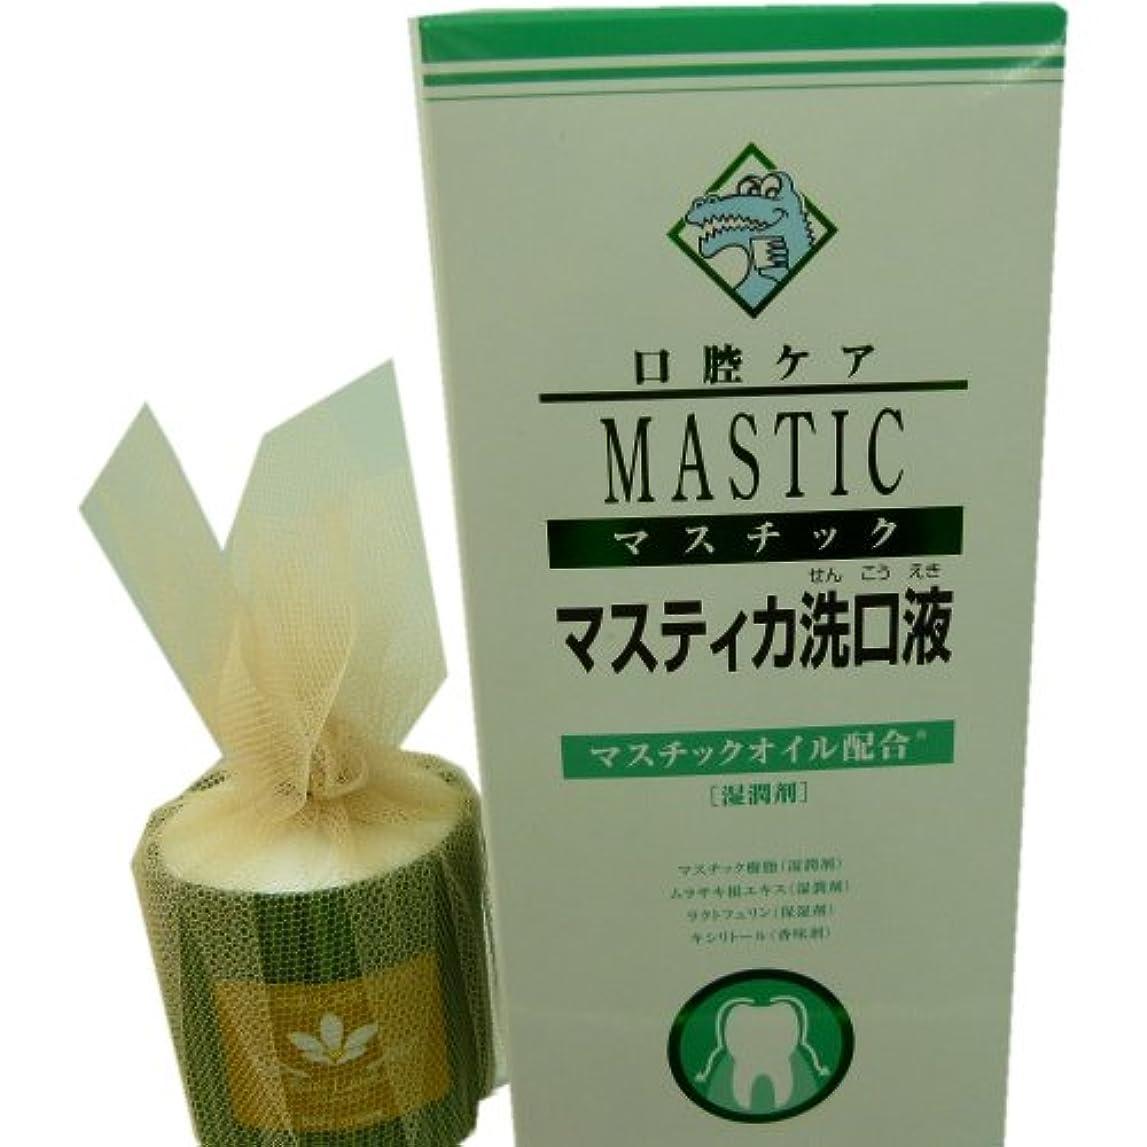 ナイトスポットよく話される少年マスティカ洗口液+RaviLankaブラシカボディクリーム